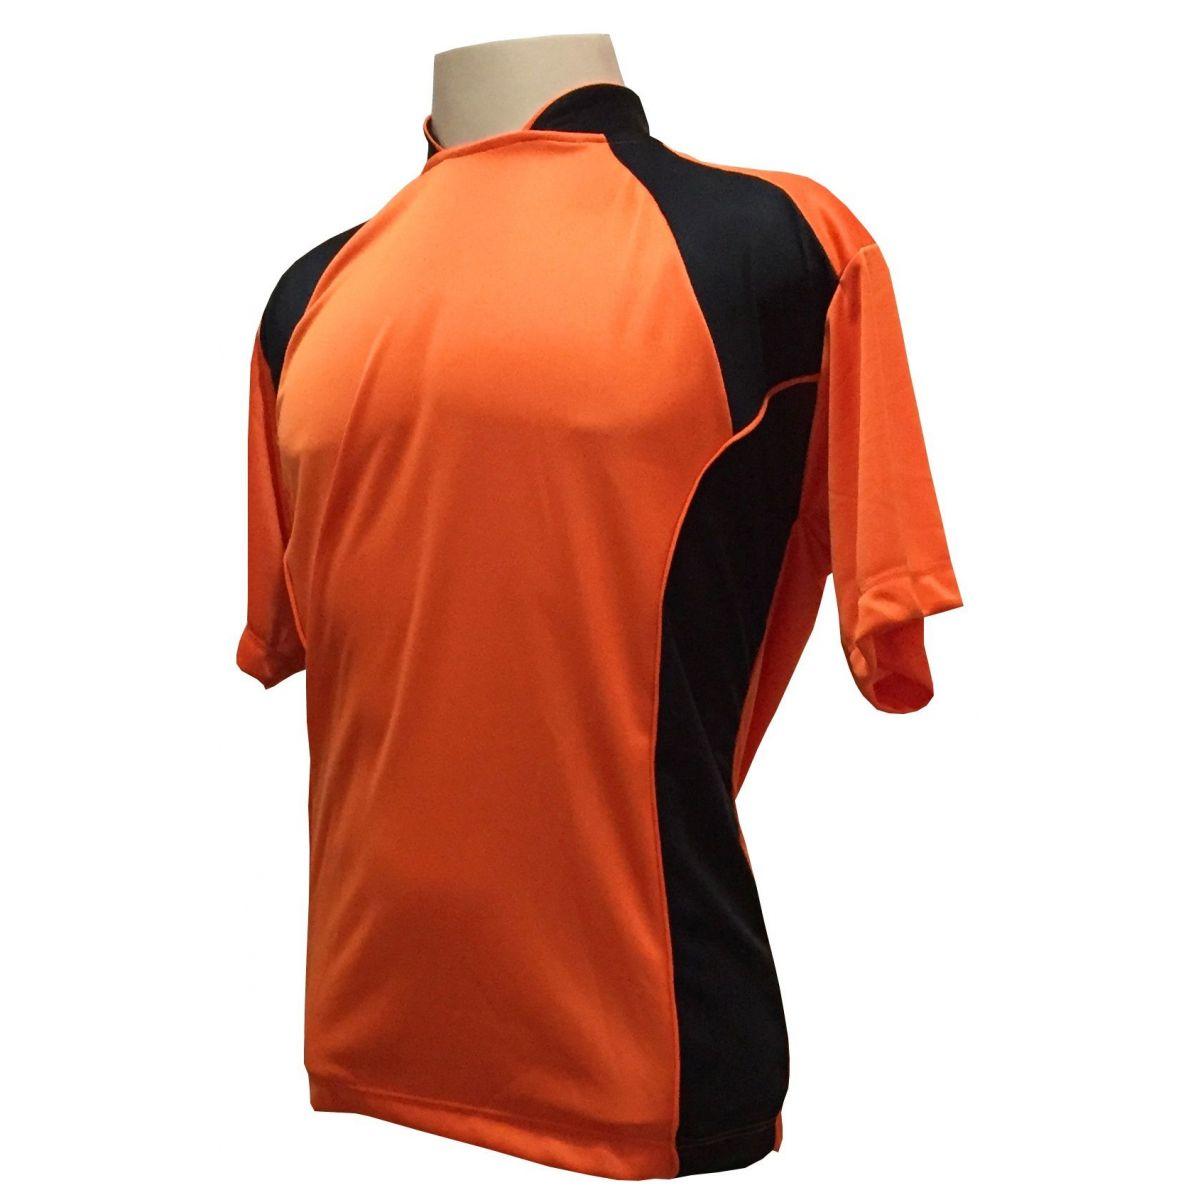 Uniforme Esportivo com 14 camisas modelo Suécia Laranja/Preto + 14 calções modelo Madrid Preto + Brindes